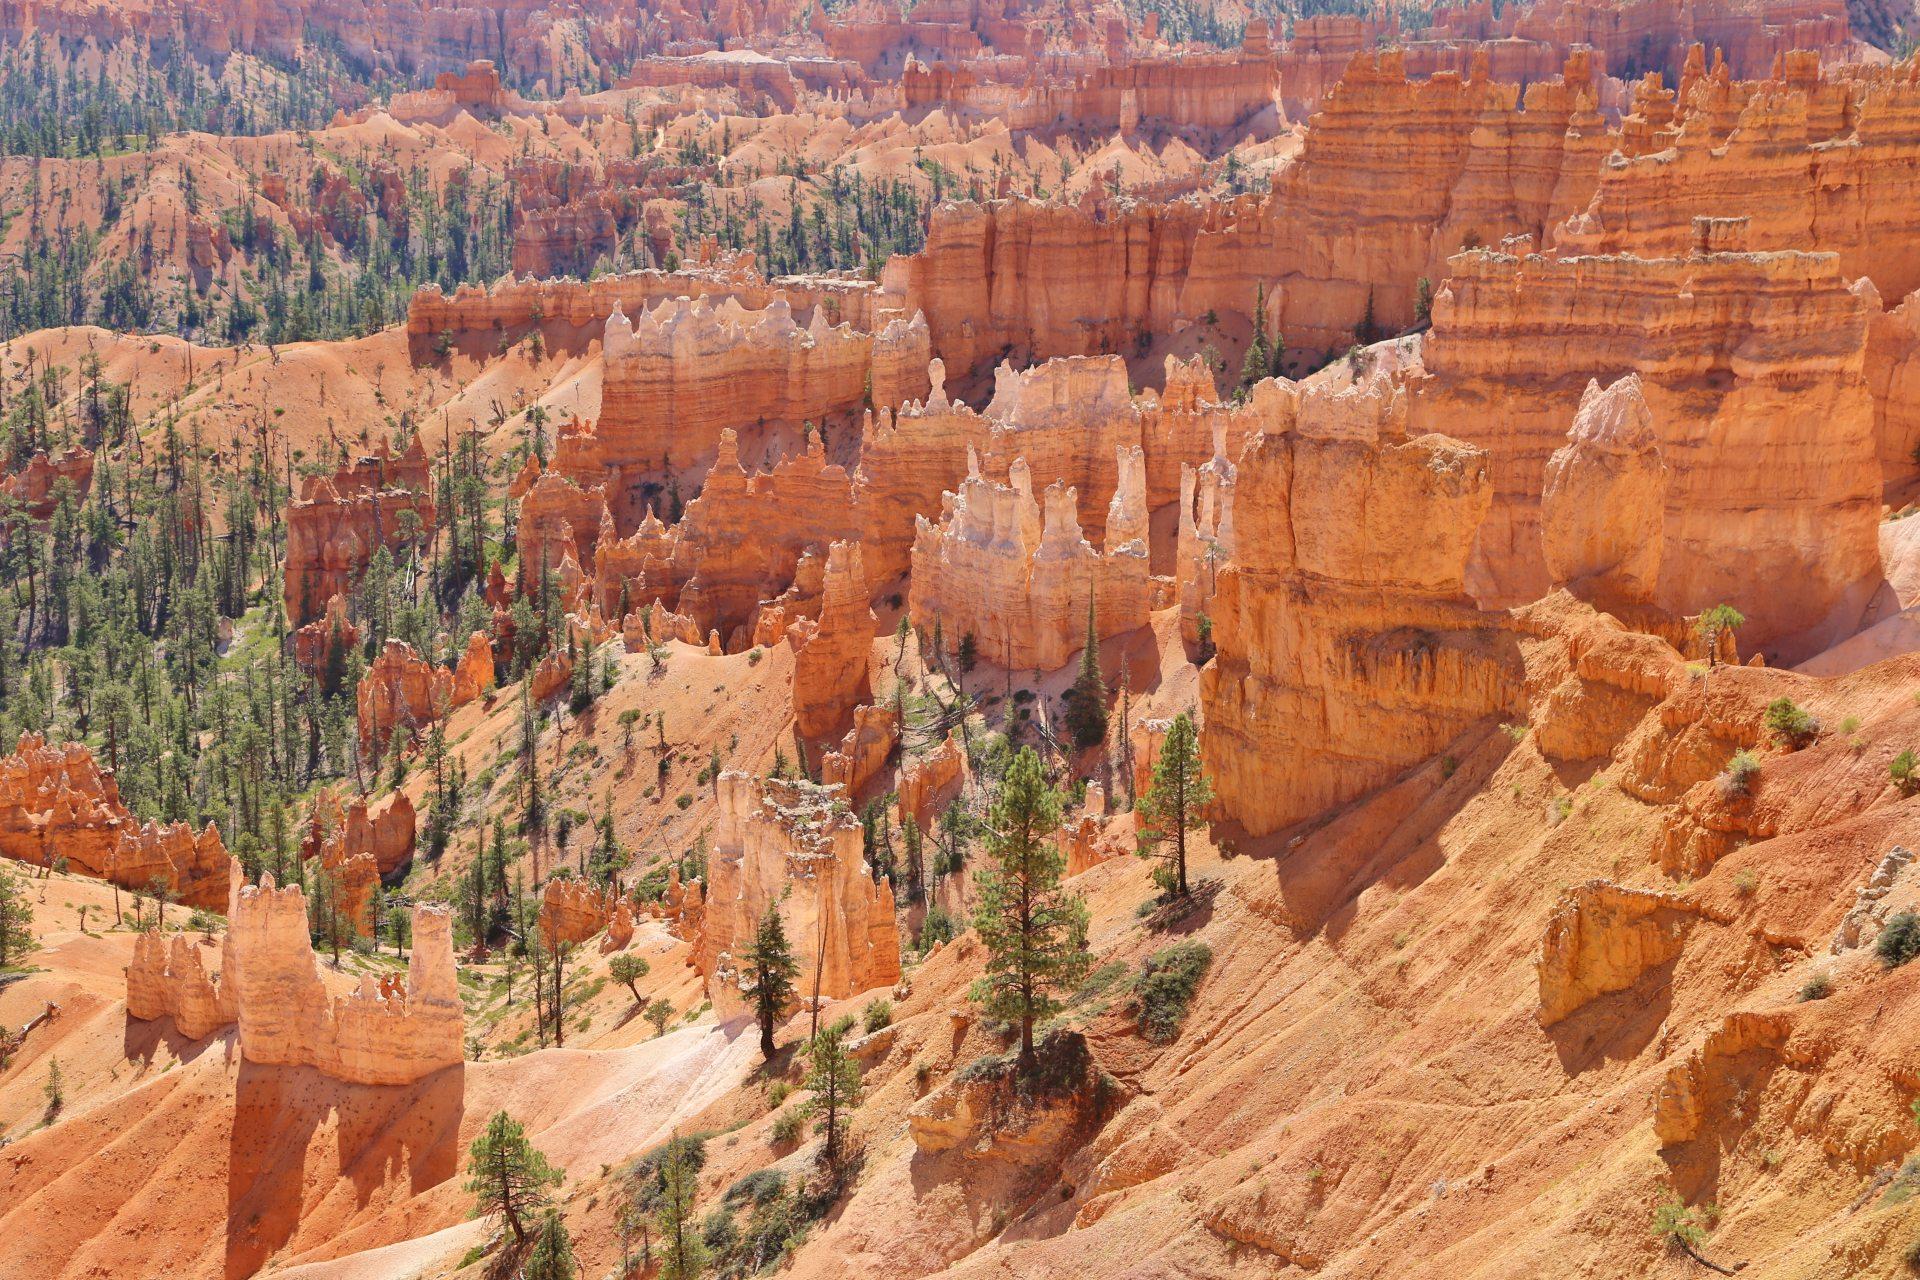 Innenansichten des Bryce Canyons - Aussicht, Bryce Canyon National Park, Canyon, Erosion, farbenfroh, Felsnadeln, Felstürme, Fernsicht, Geologie, Gestein, Gesteinssäulen, Gesteinsschichten, Himmel, Hoodoos, Landschaft, Monolithen, Natur, Panorama, Queens Garden Trail, Sandstein, Utah - (Bryce Canyon, Bryce, Utah, Vereinigte Staaten)